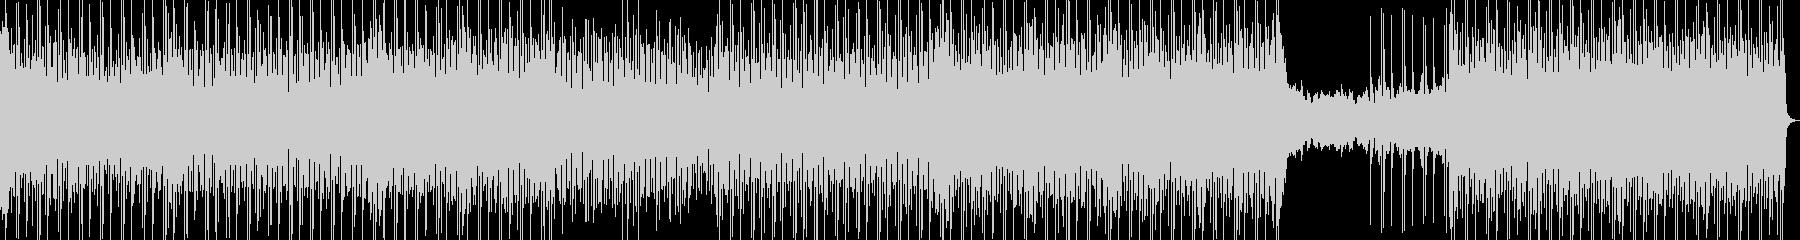 アップテンポなダンスハウスミュージックの未再生の波形